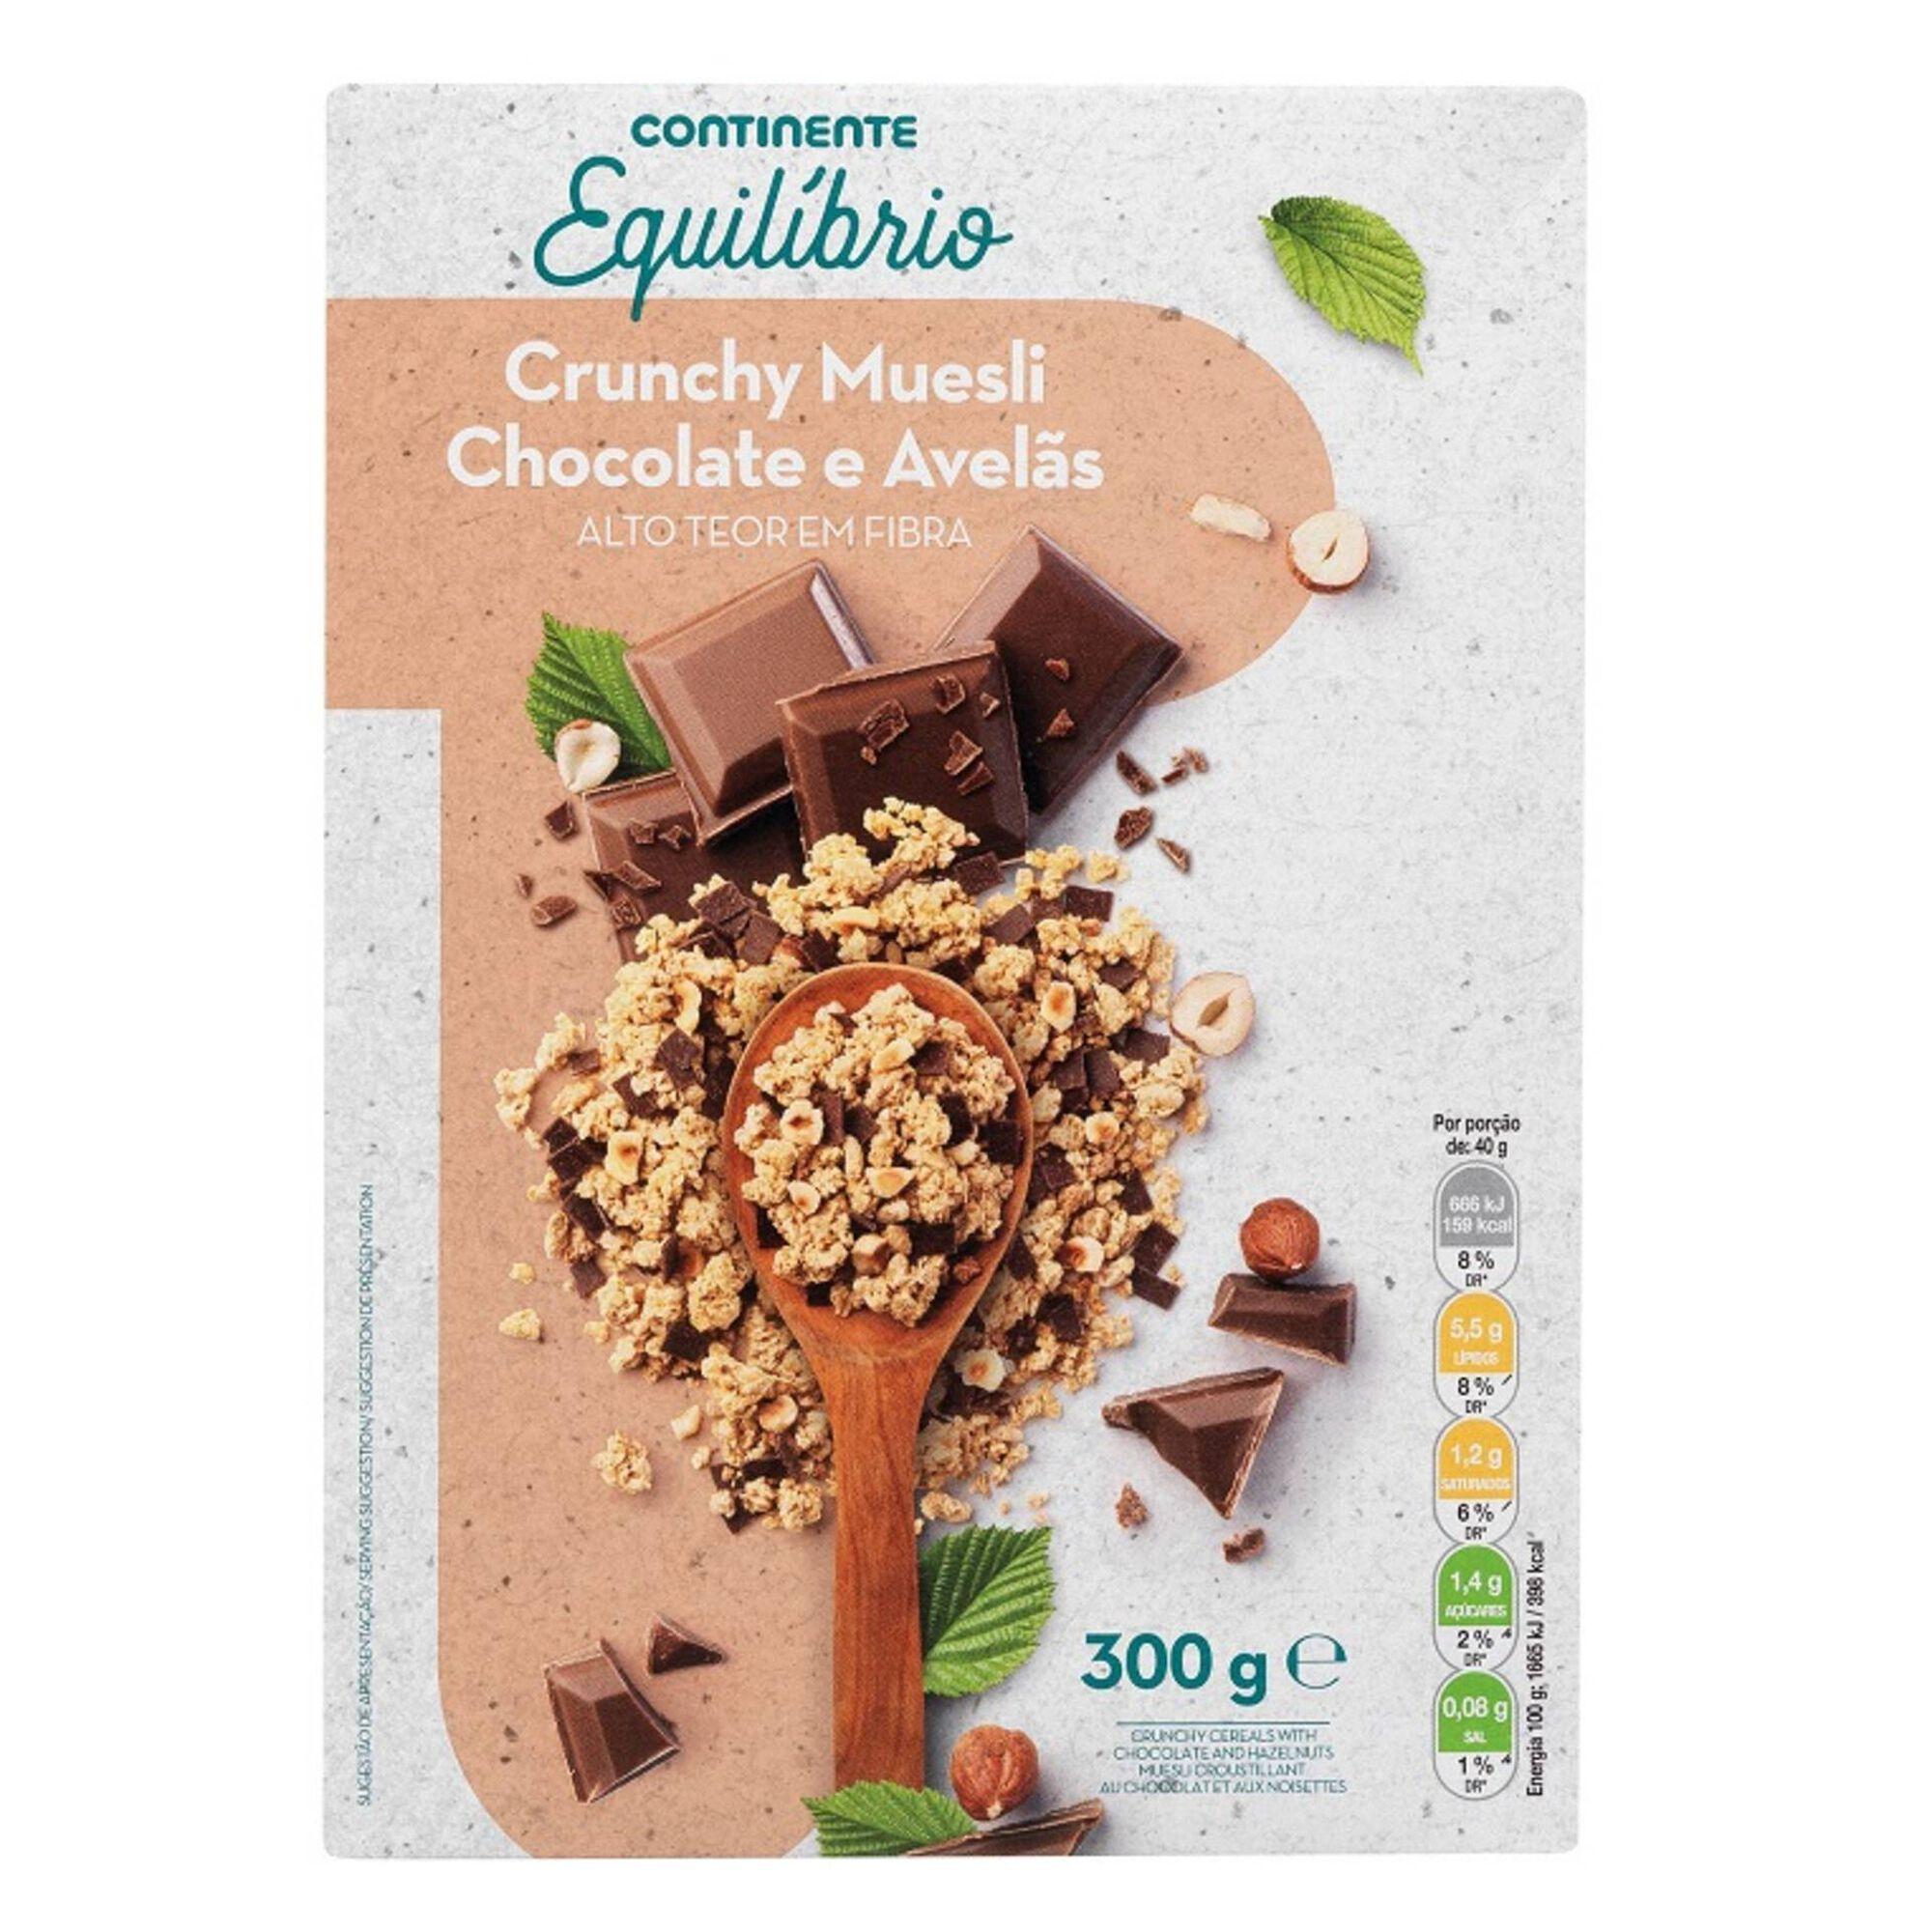 Muesli Crunchy Chocolate e Avelãs com Stevia